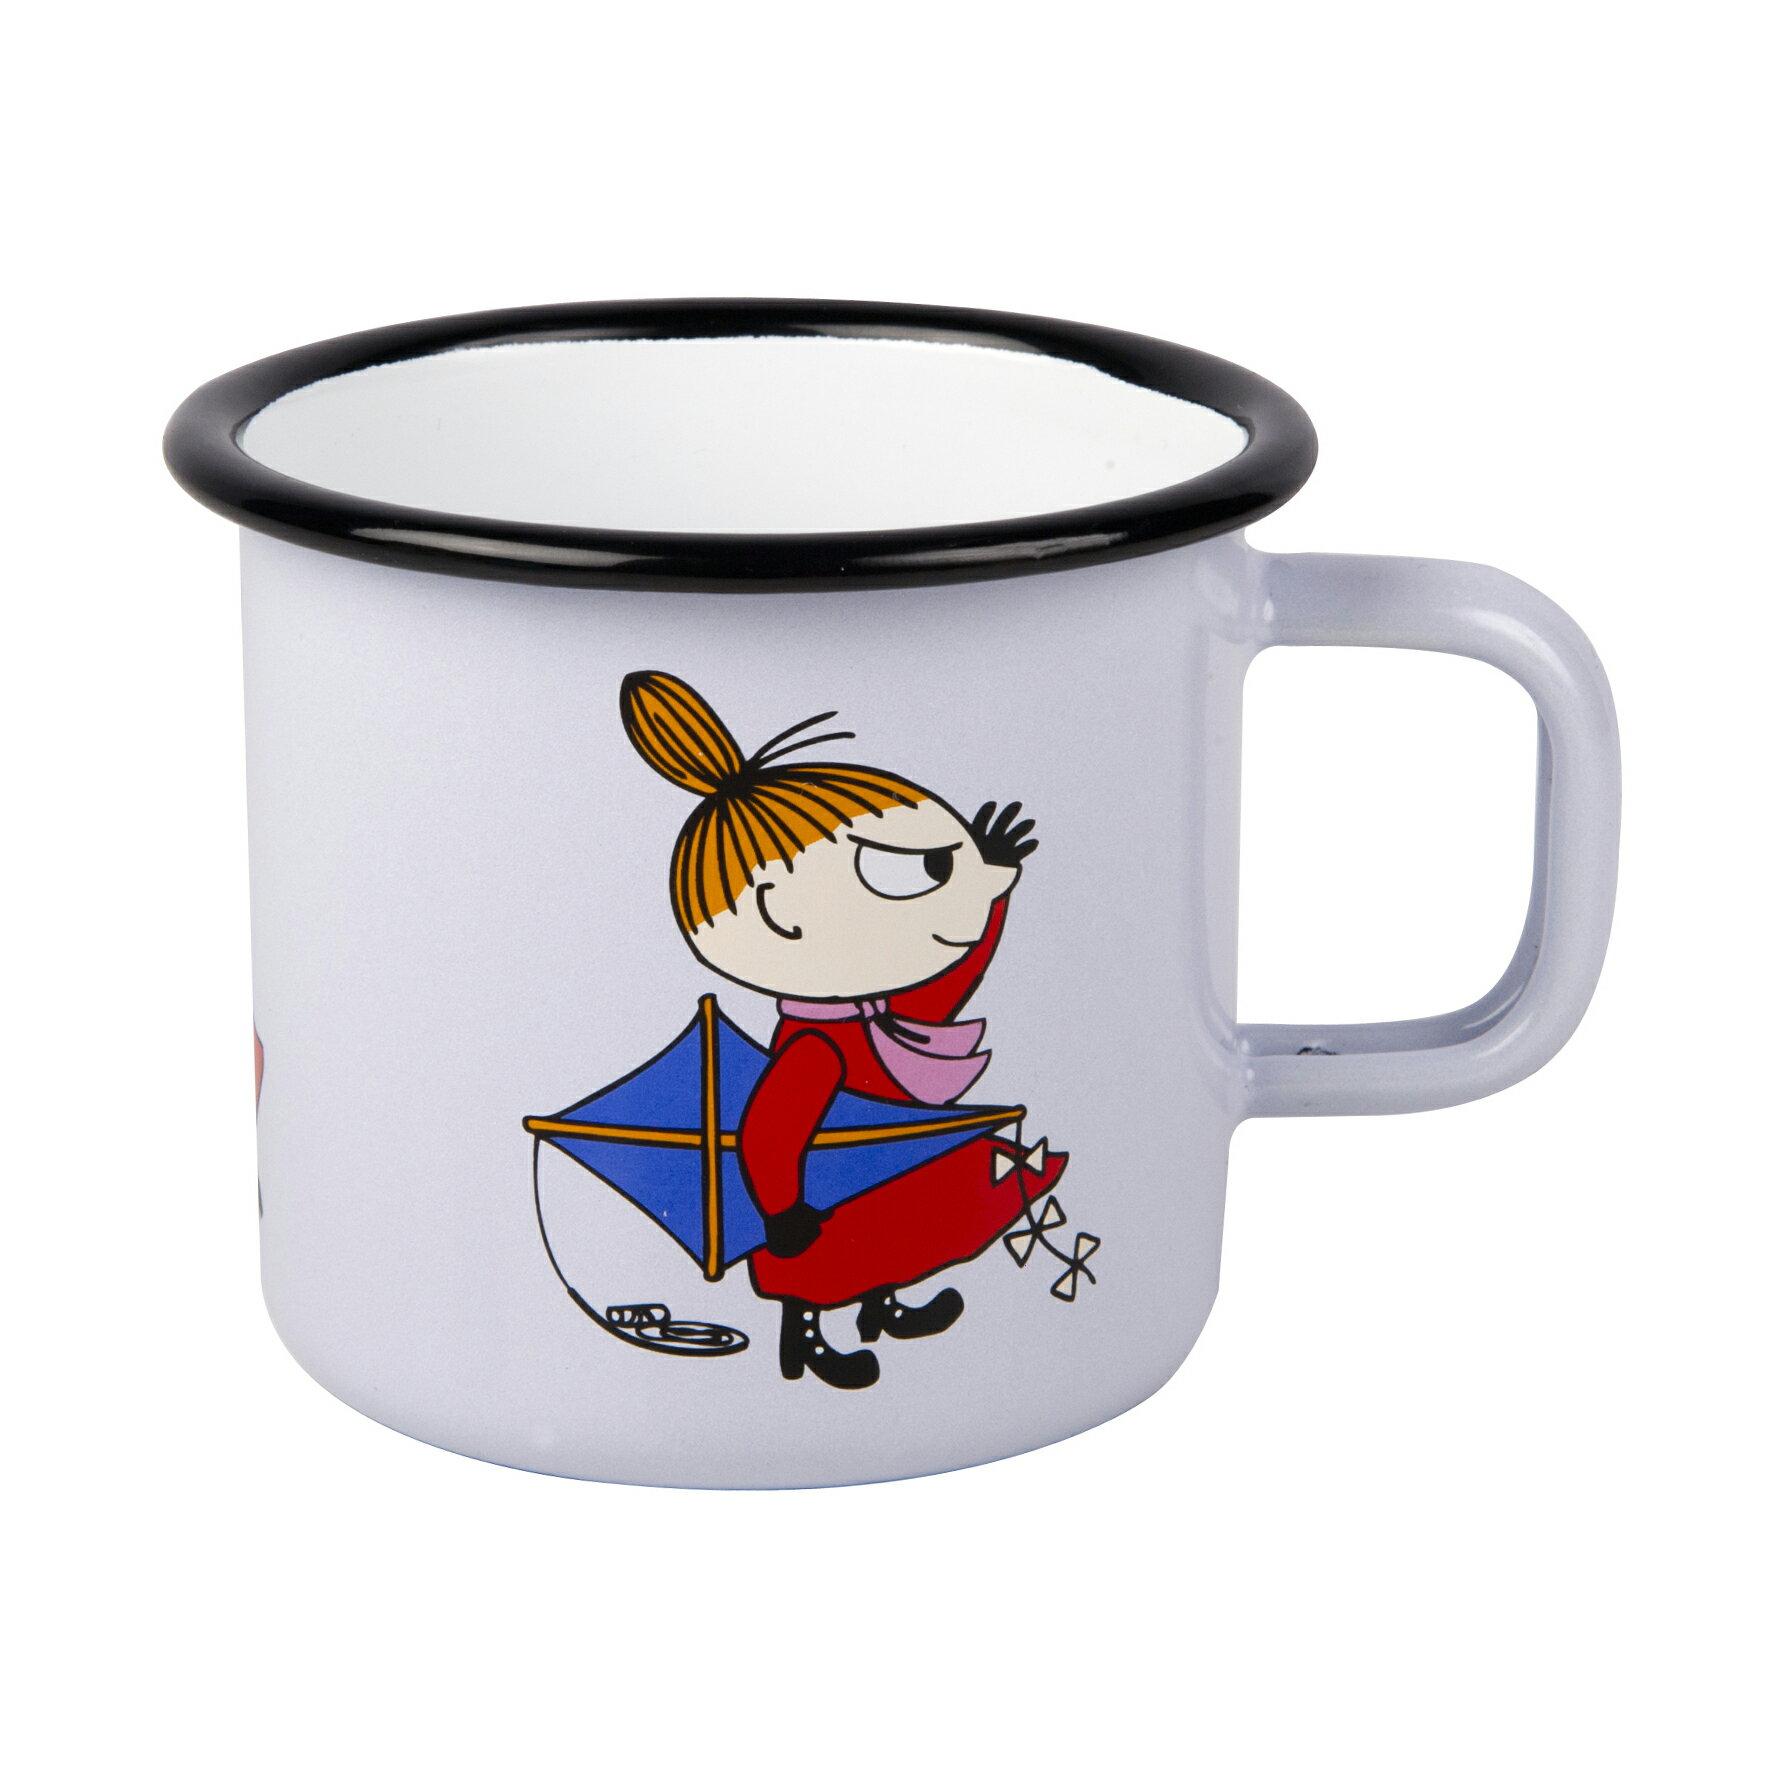 【芬蘭Muurla】嚕嚕米系列-小不點琺瑯馬克杯250cc 淡紫 咖啡杯  琺瑯杯